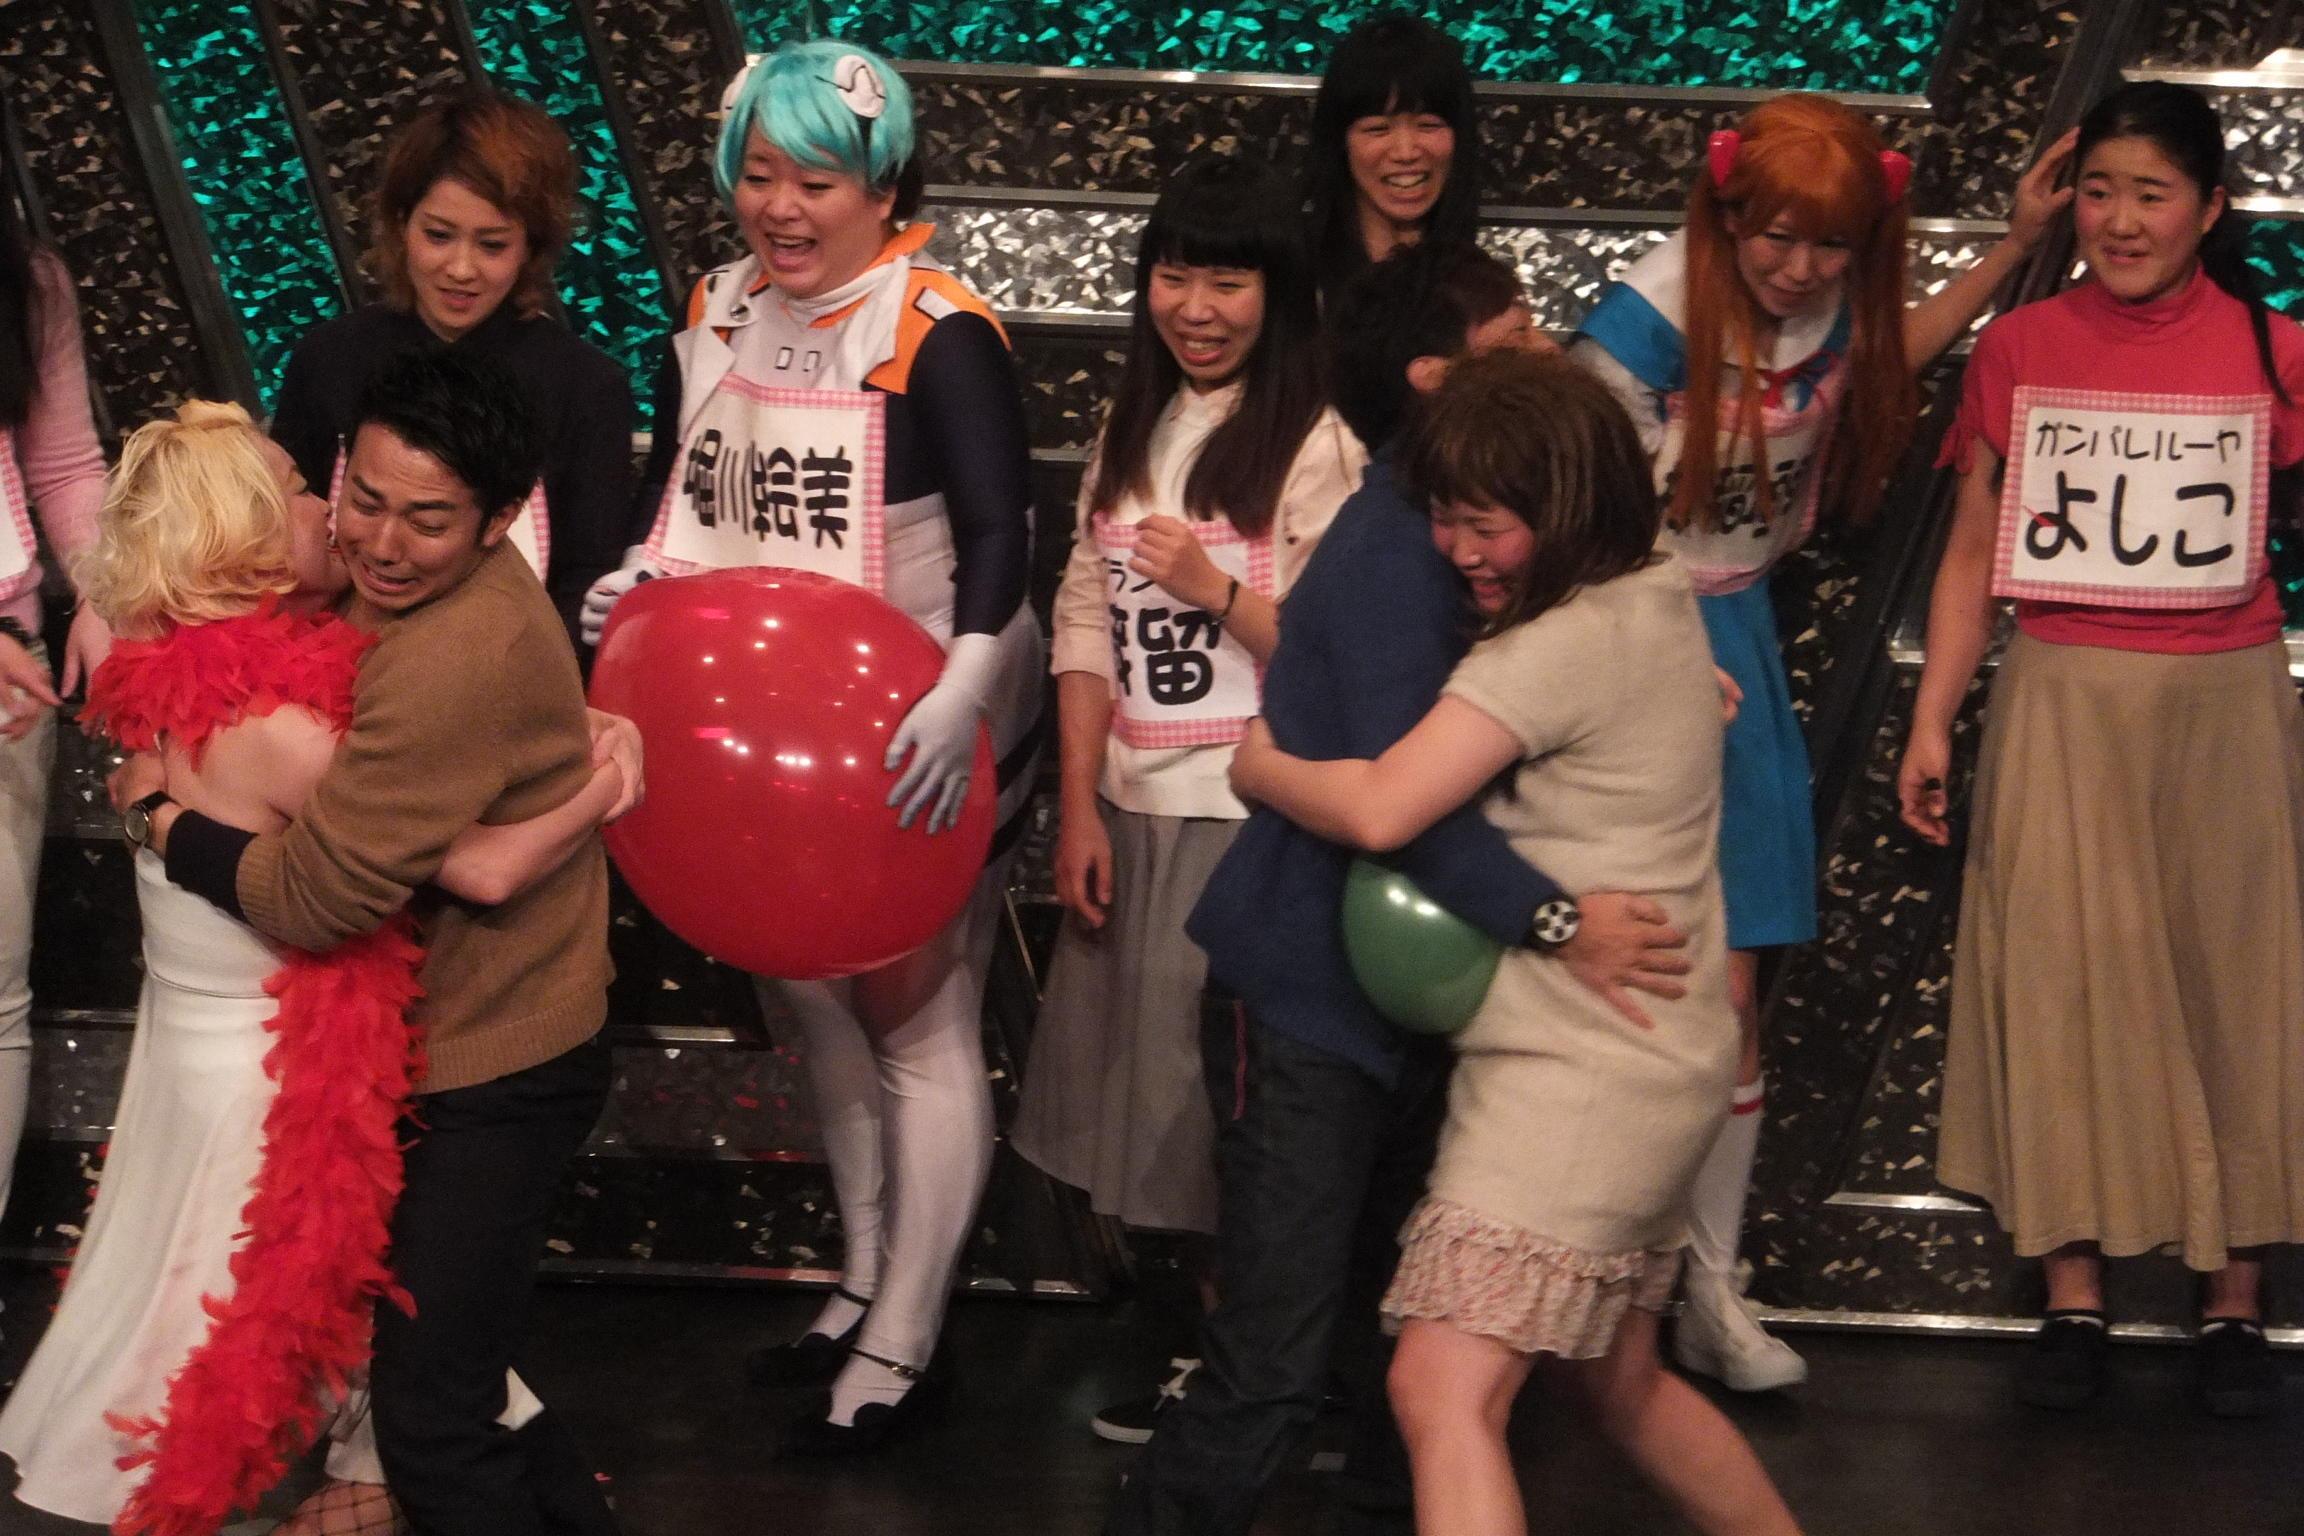 http://news.yoshimoto.co.jp/20160129152455-017e93a675213adf54200ab8dfb631f1f8bb9cc9.jpg